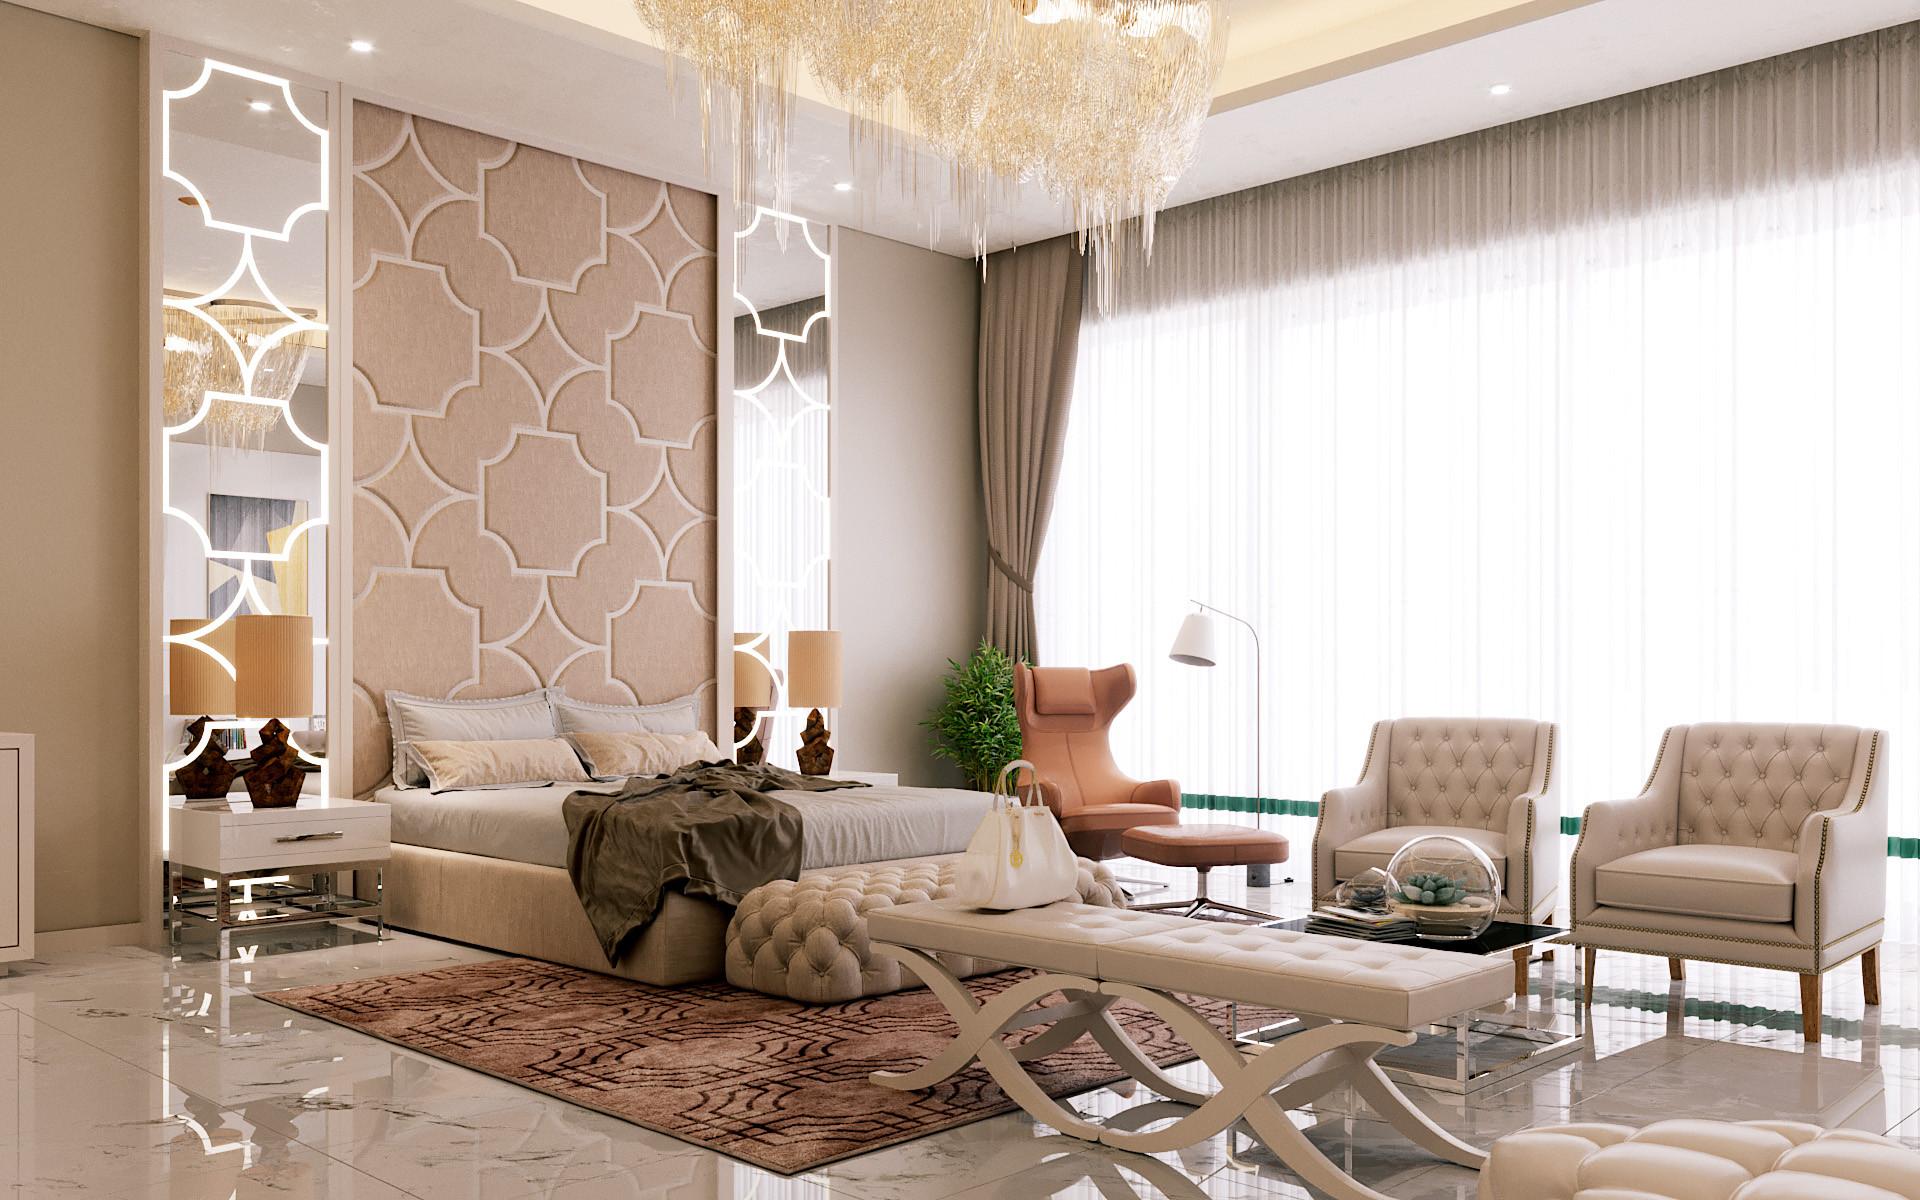 3D_renders_interiors_Dubai_villa5.jpg